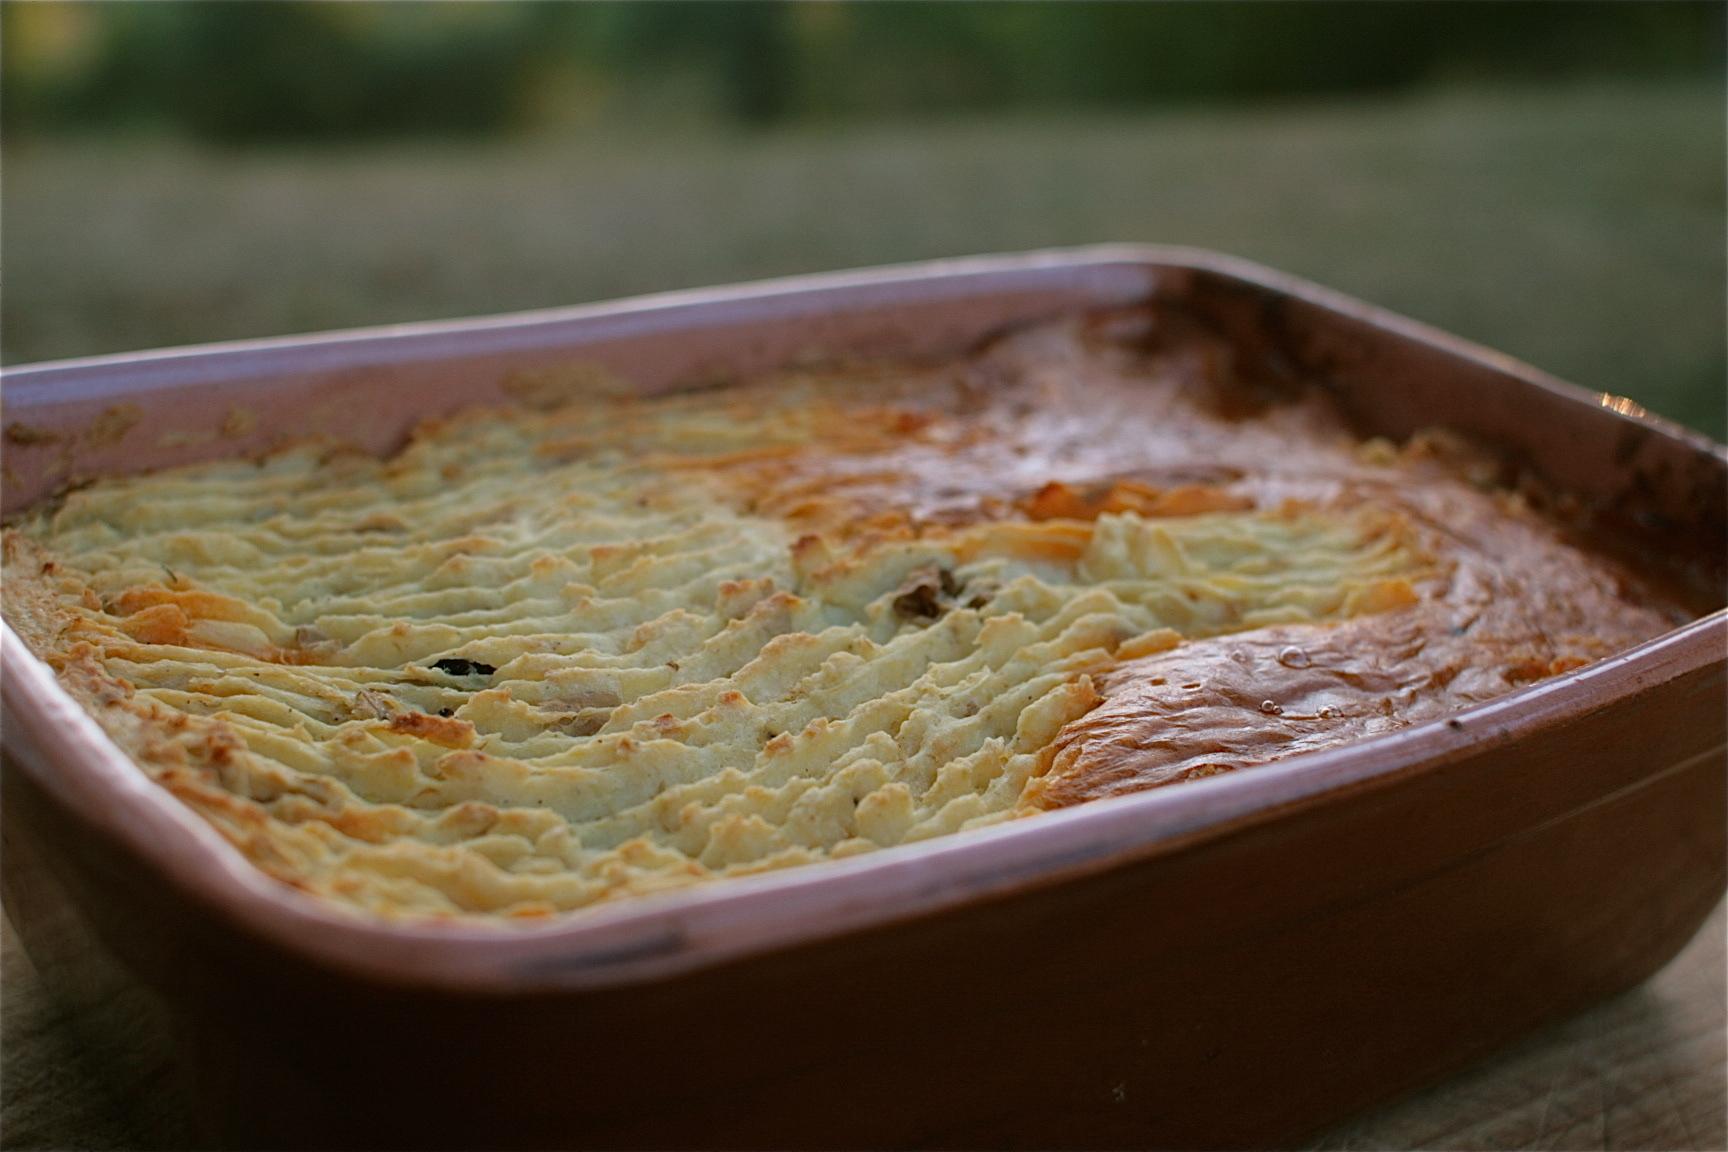 Super-Seasonally Vegged-Up Cottage Pie!